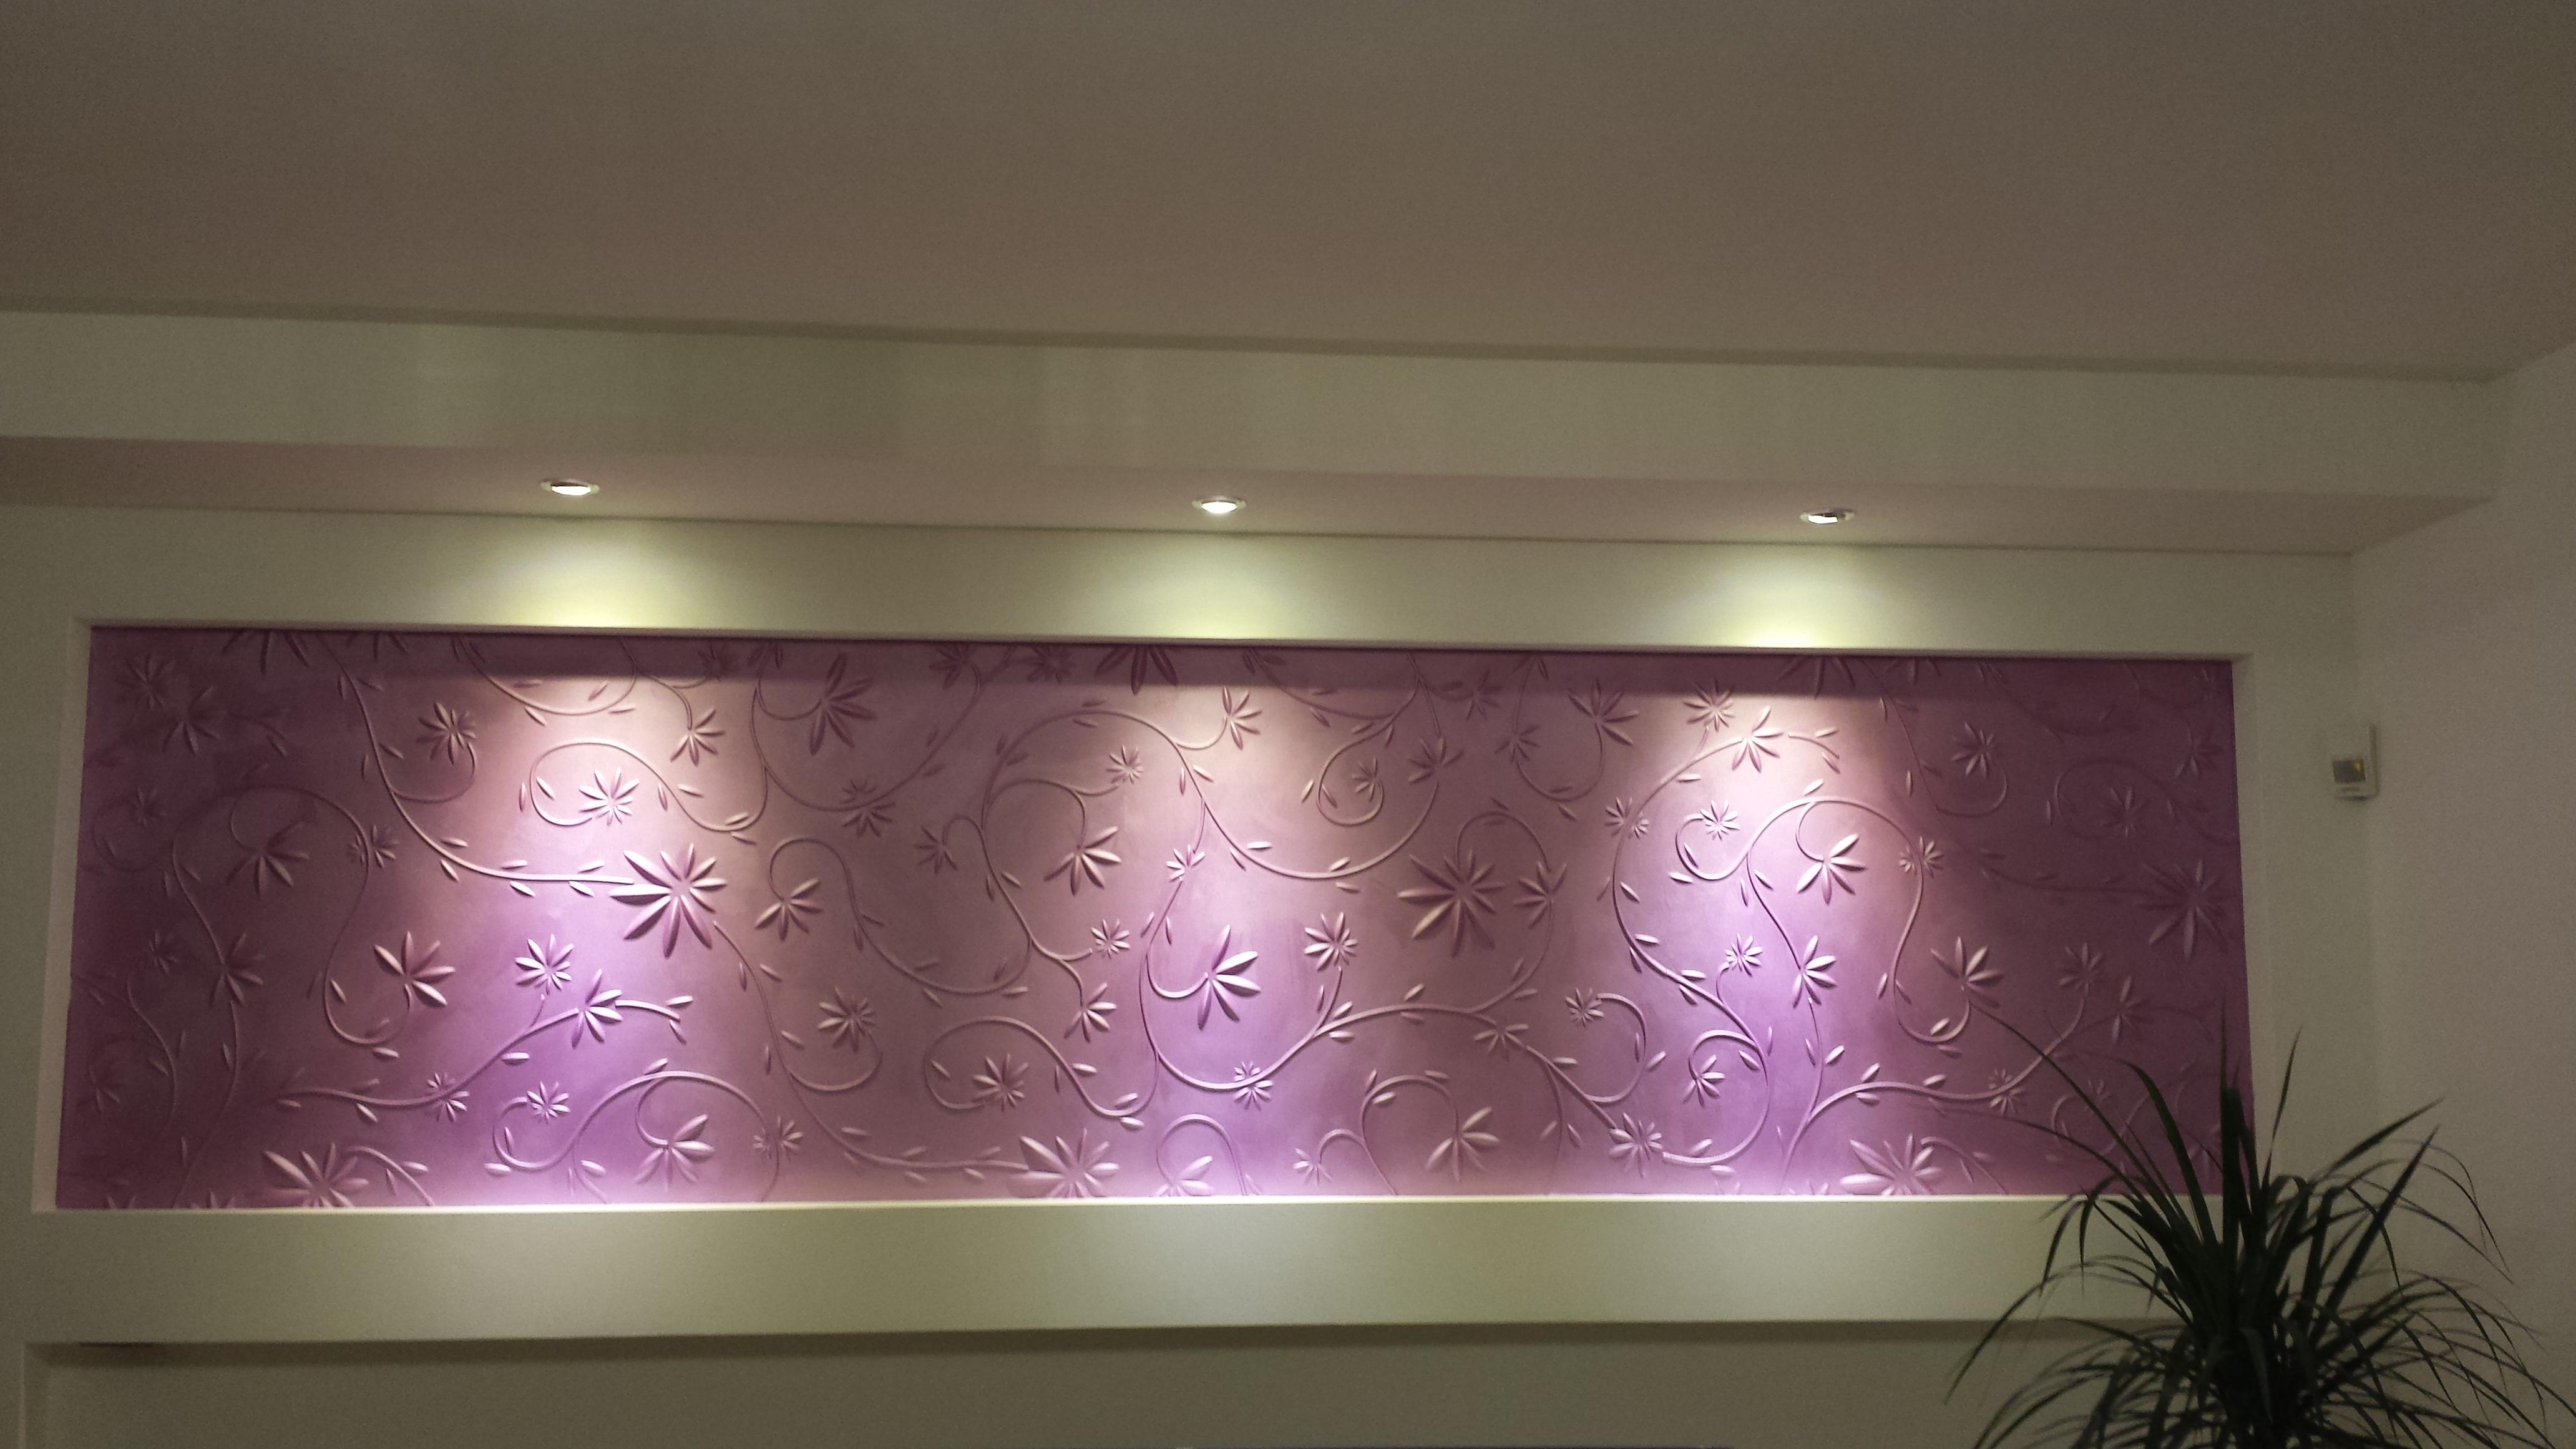 Casa immobiliare accessori cartongesso decorativo - Pannelli decorativi per pareti ...